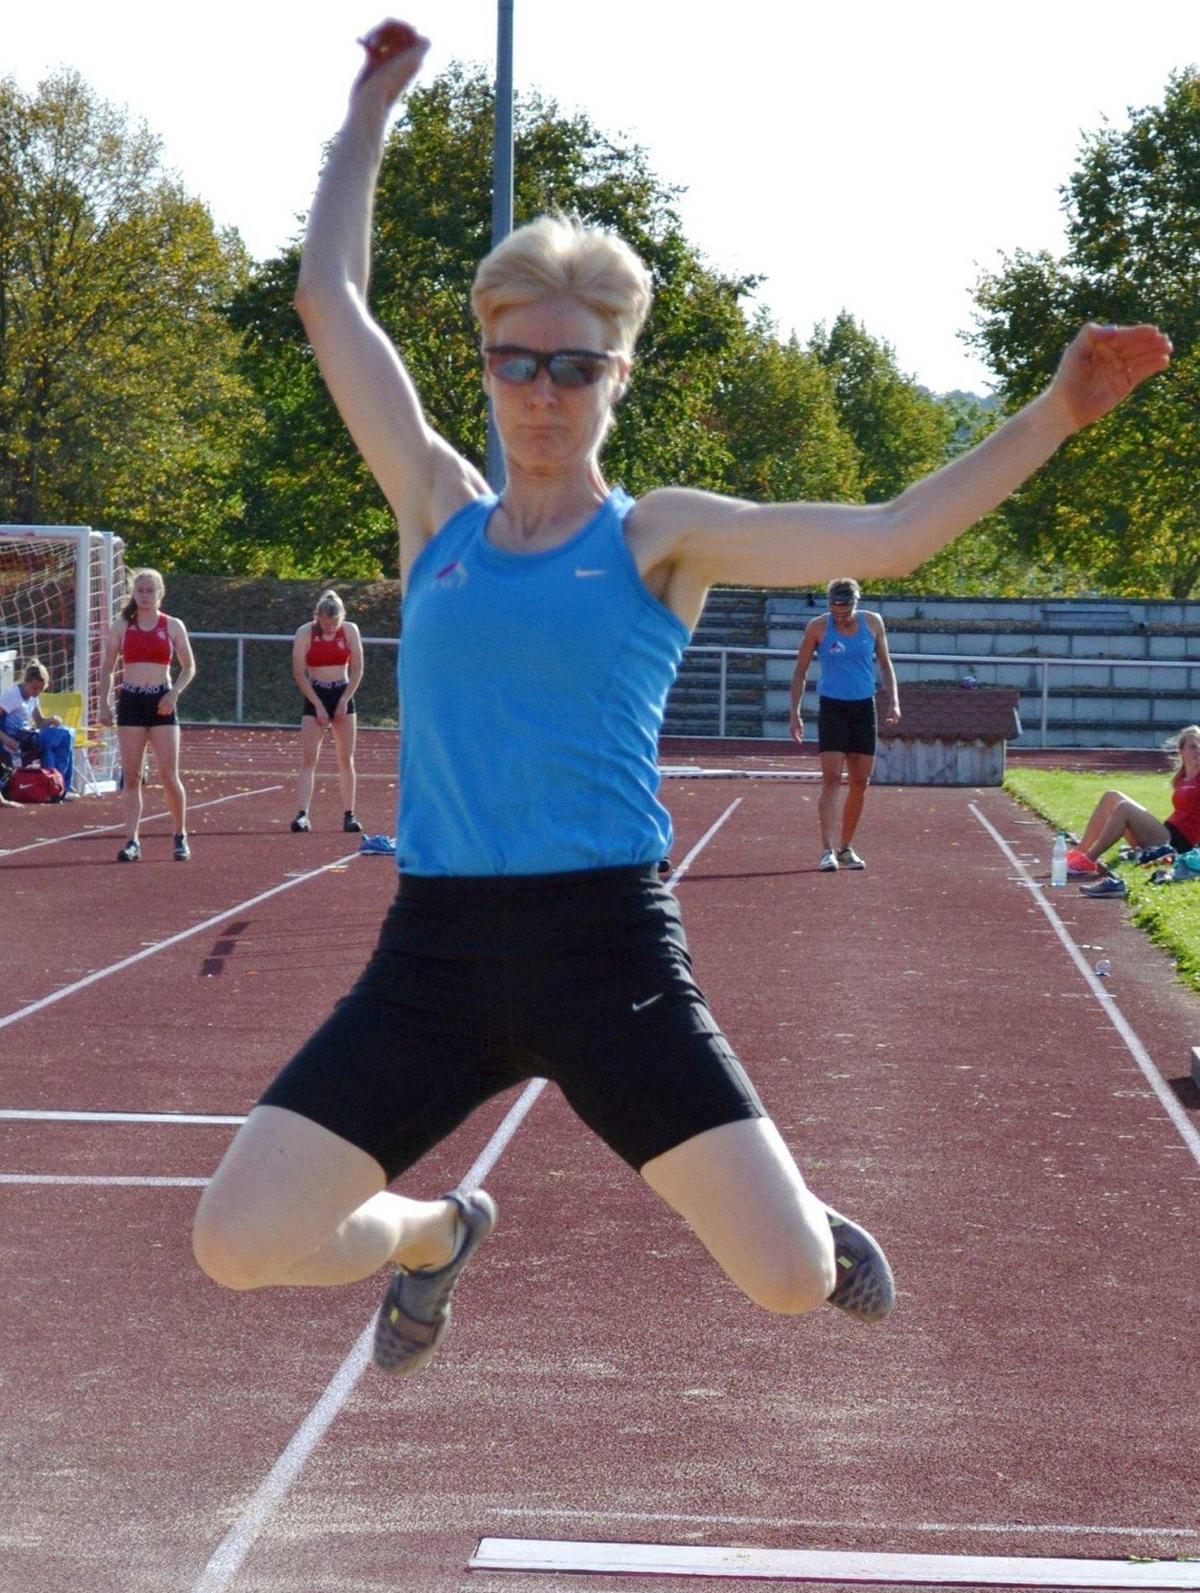 Neue Bestweite im Weitsprung: Diana Richter aus Rennertehausen beim Sportfest der LG Eder. © Manfred Hamel